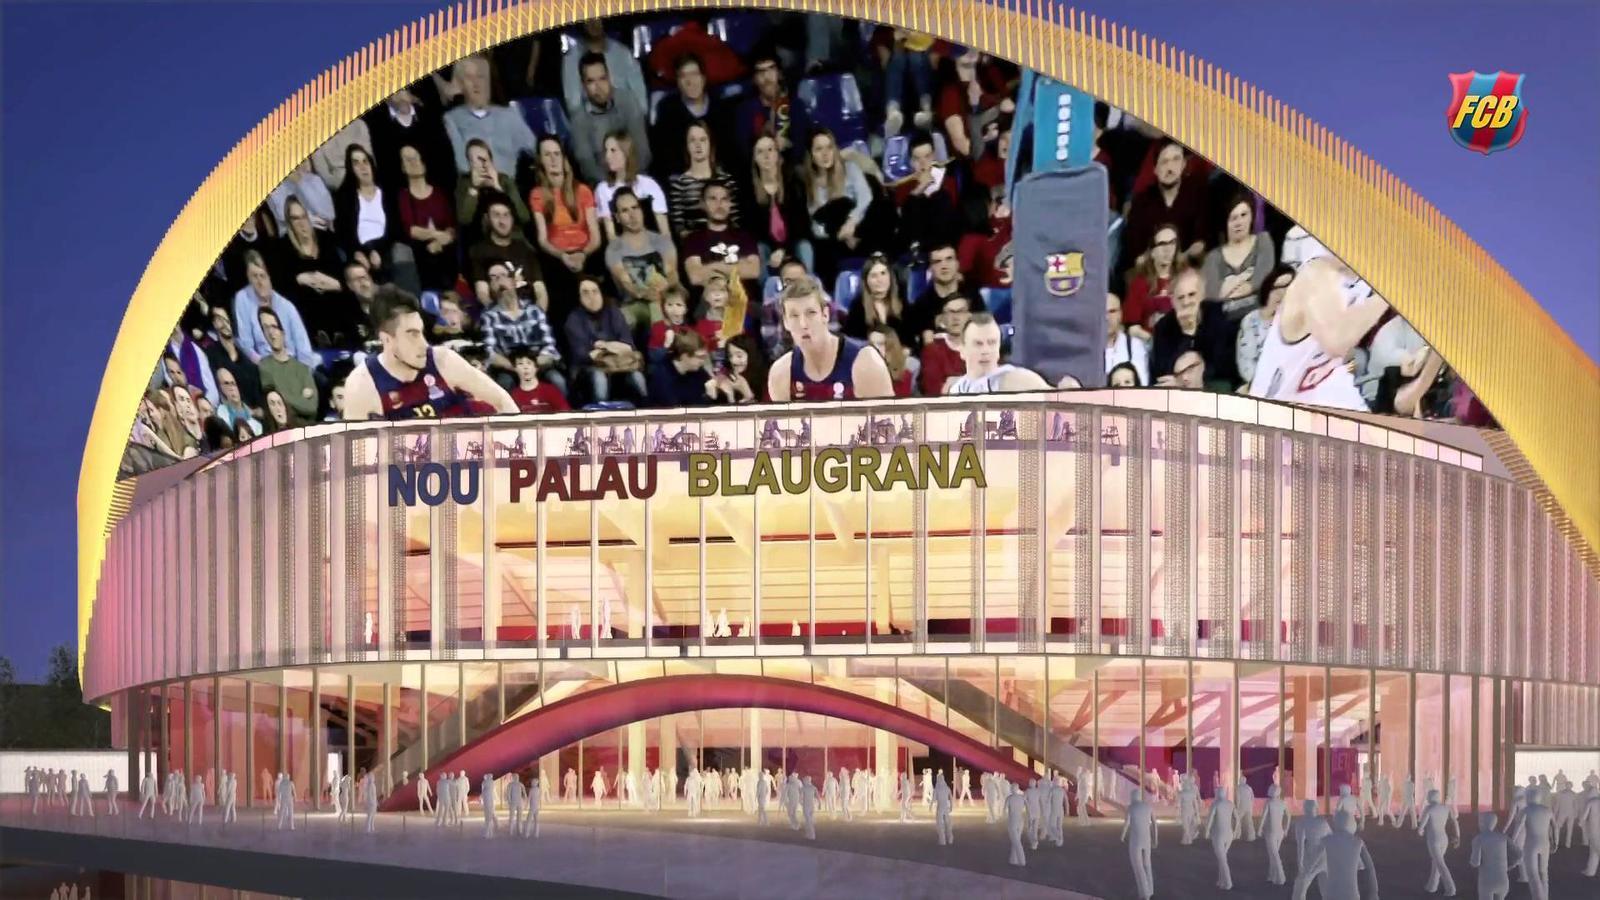 El nou palau blaugrana aixeca el vol for Puerta 0 palau blaugrana